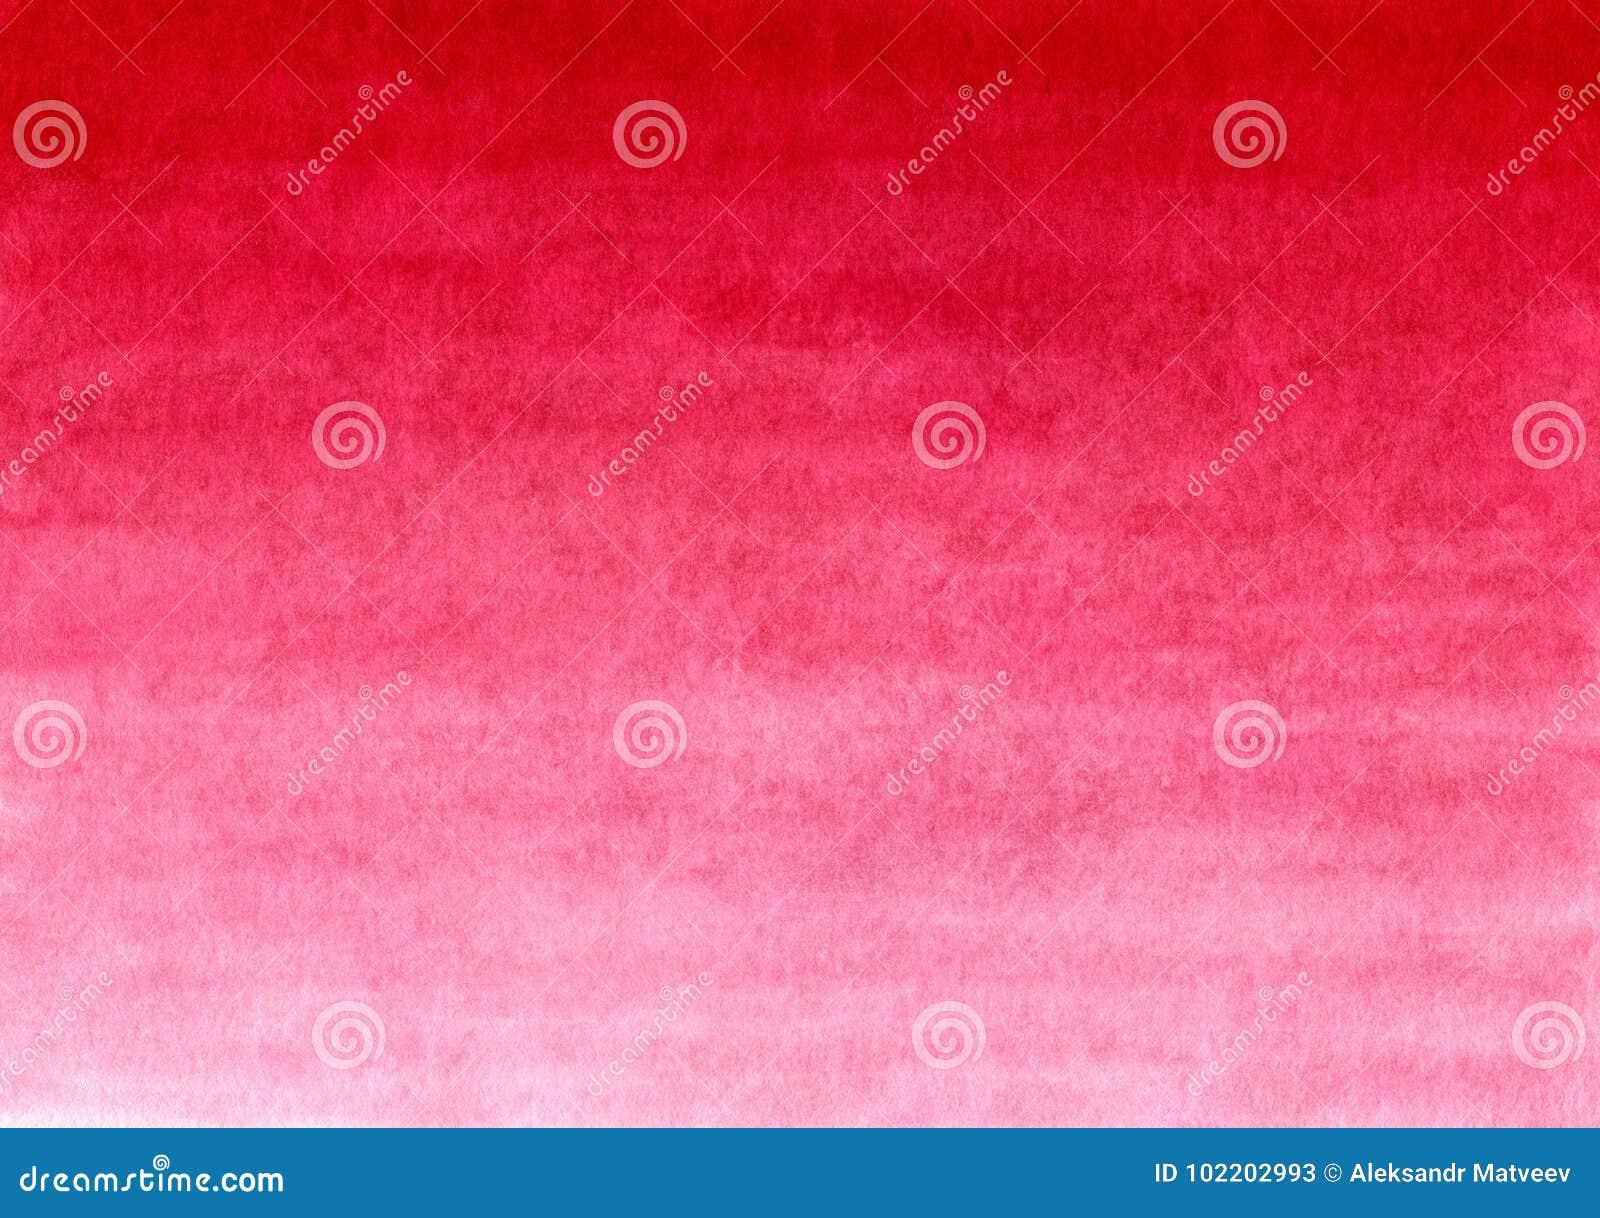 Fundo pintado feito a mão vermelho do inclinação da aquarela no papel textured